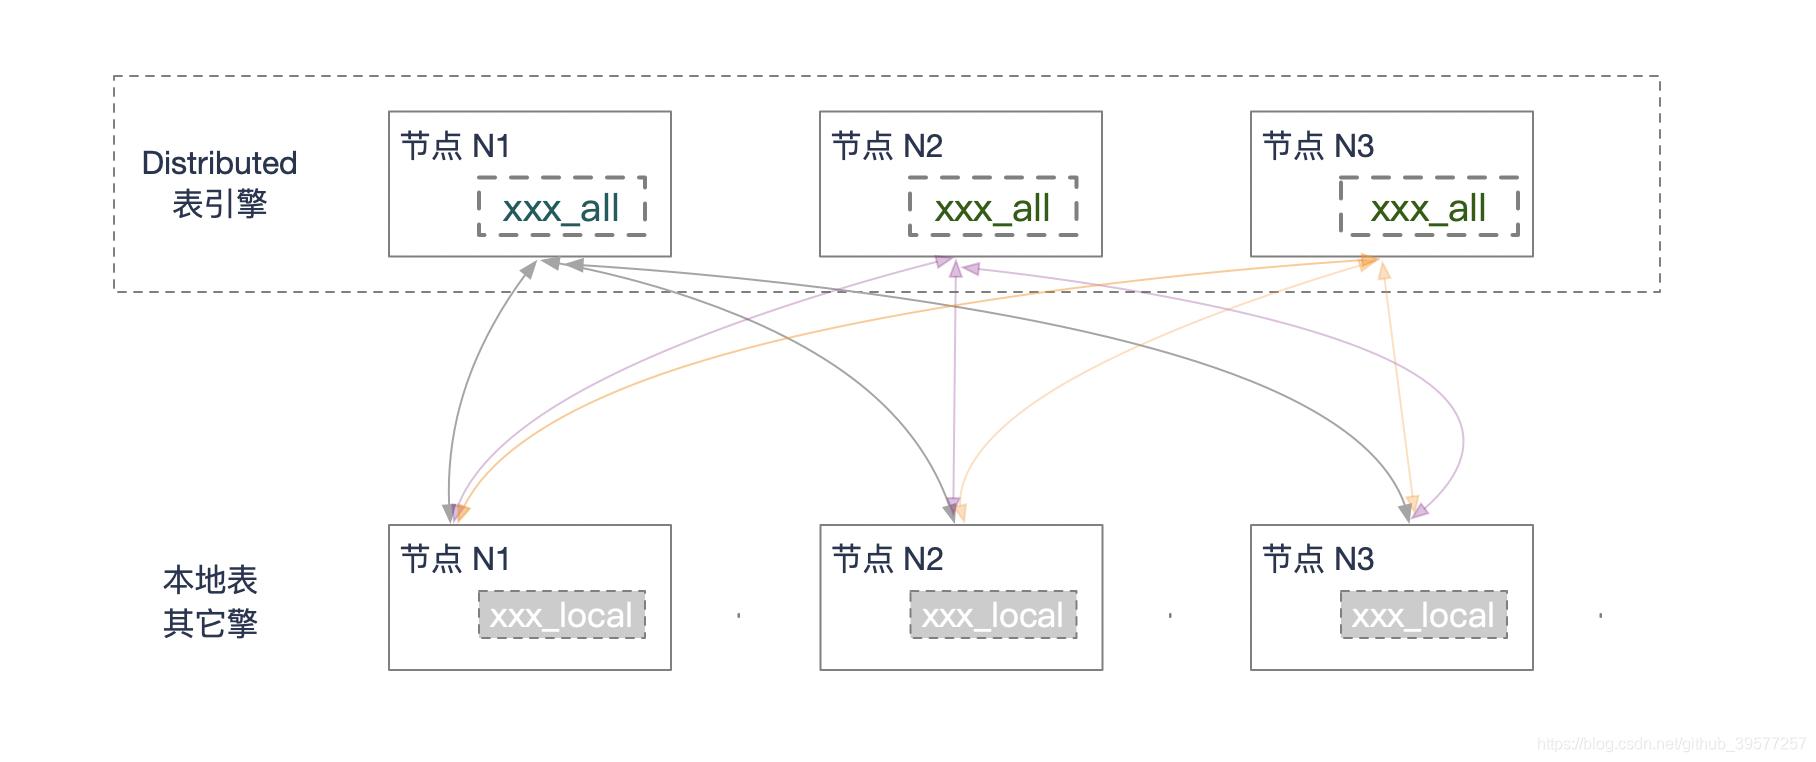 分布式表图